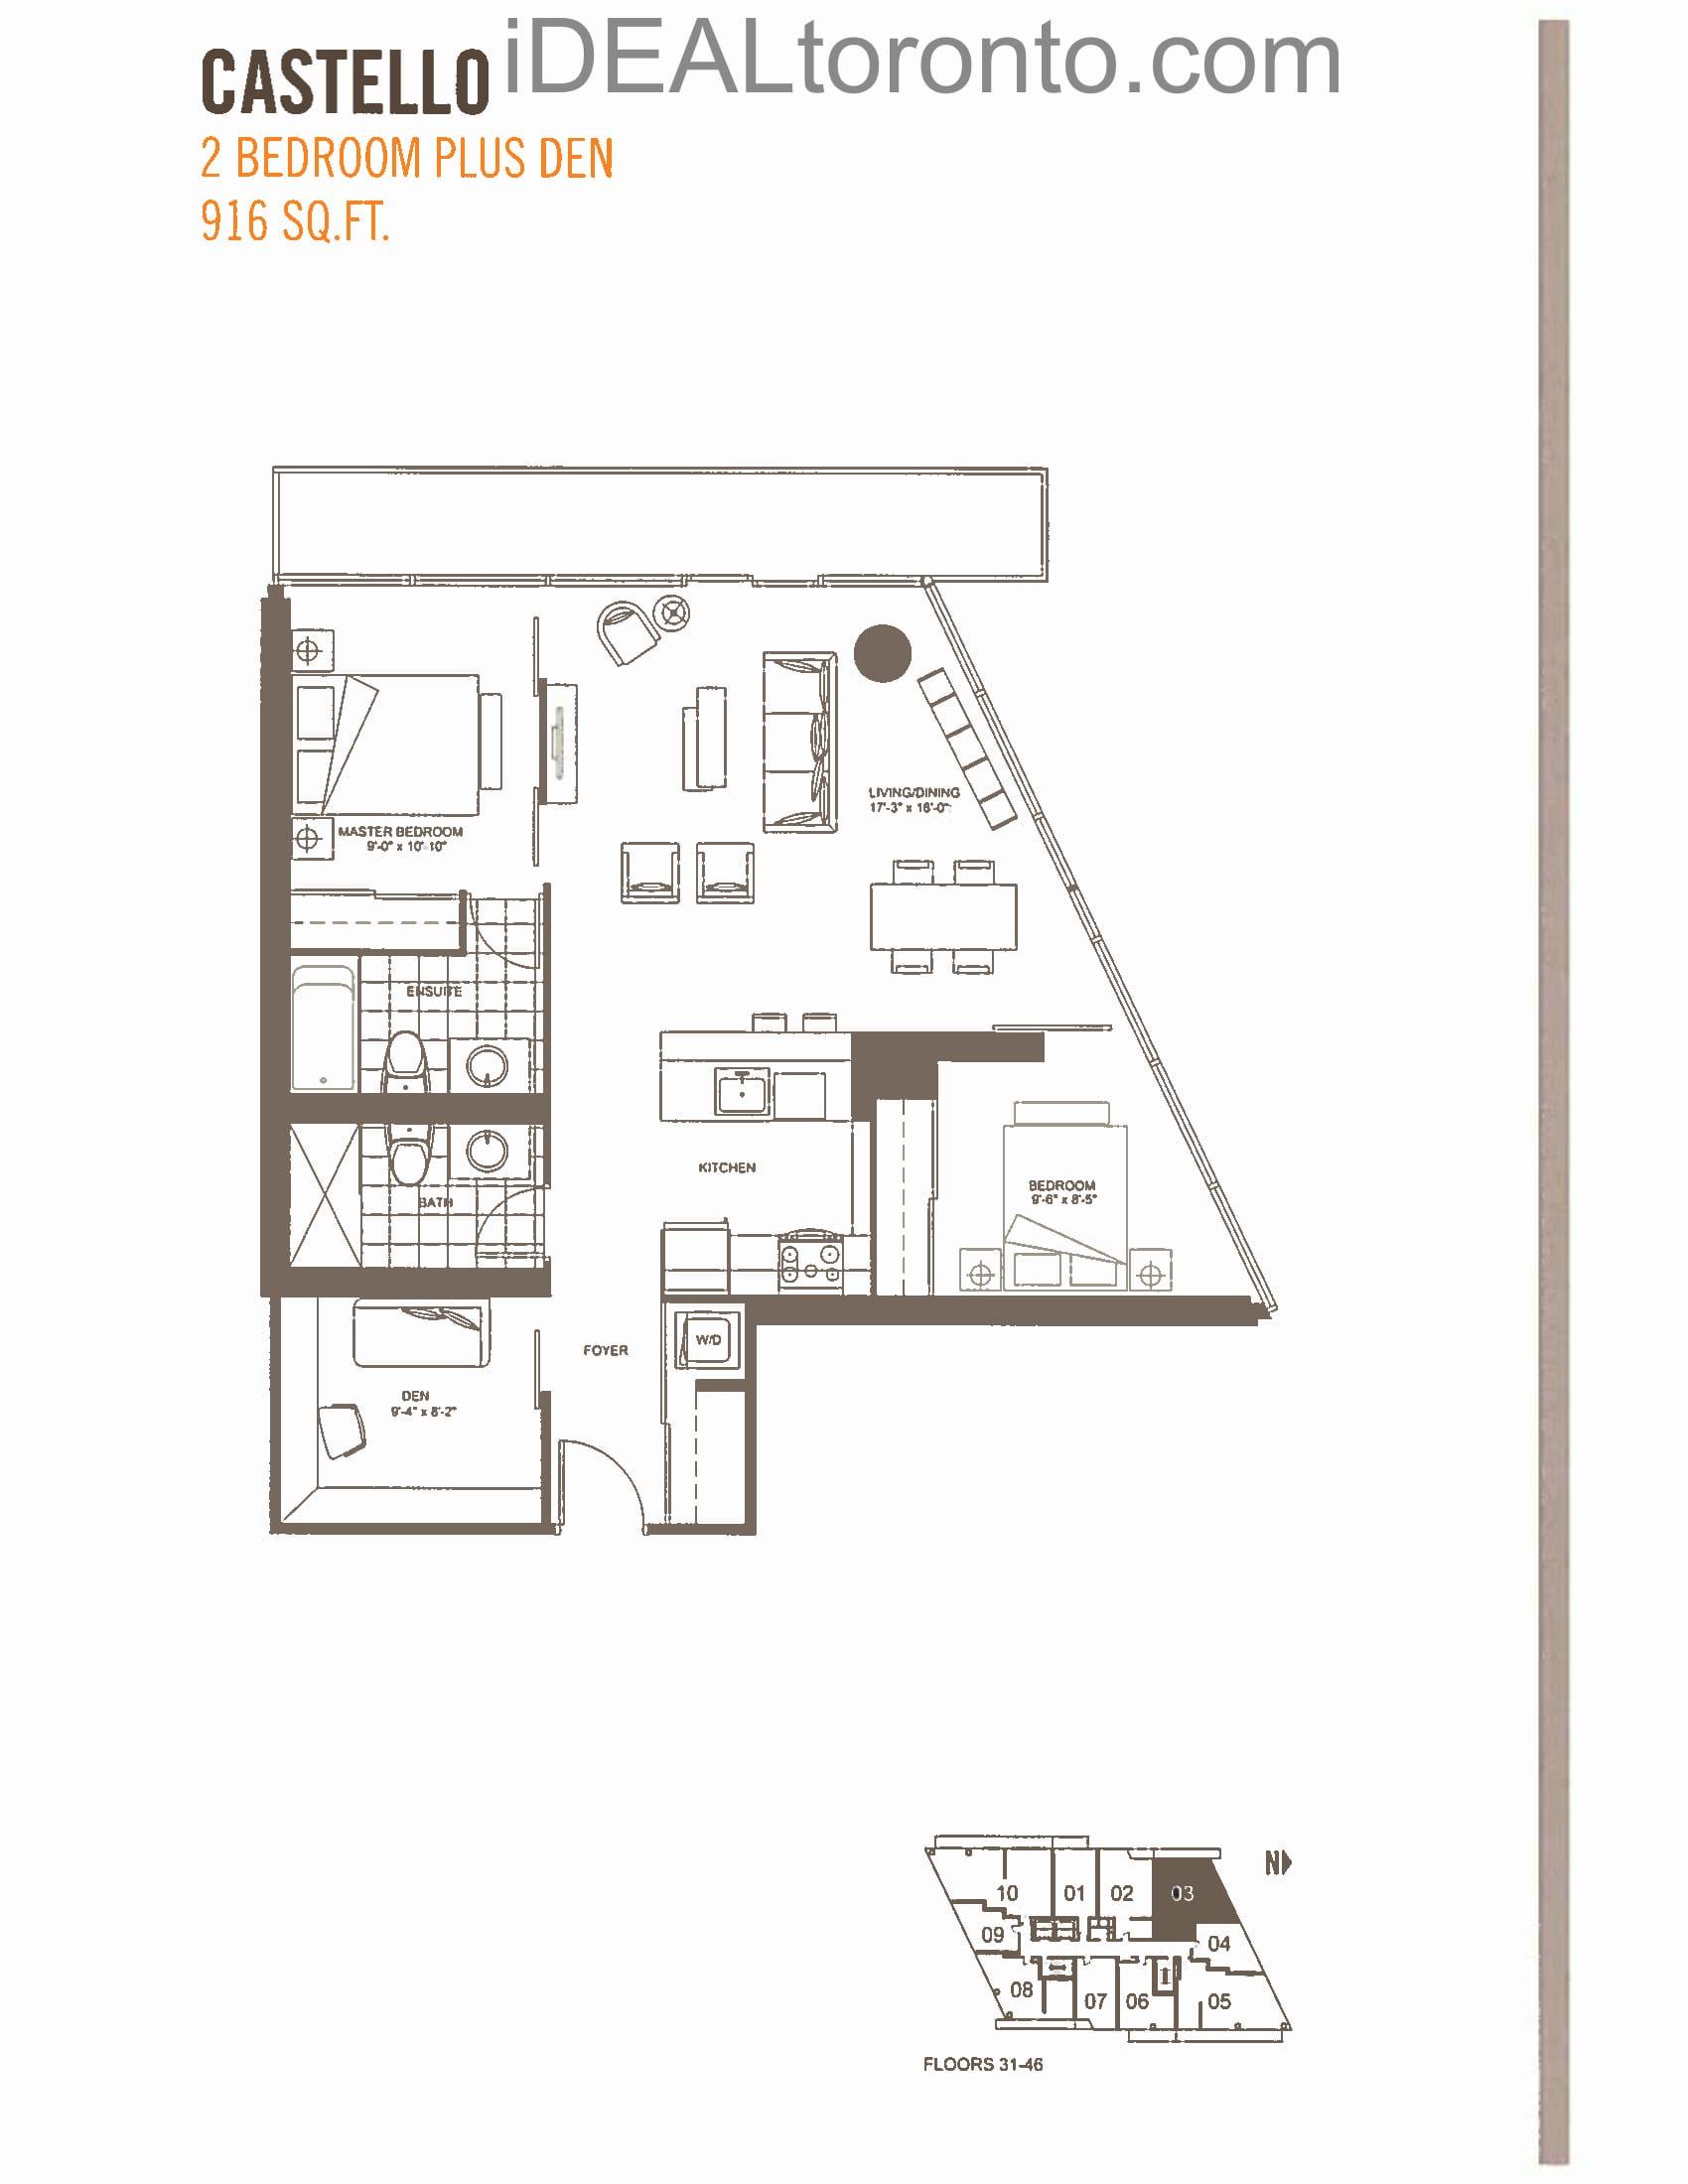 Castello : 2+1 Bedroom,NW, 916 SqFt